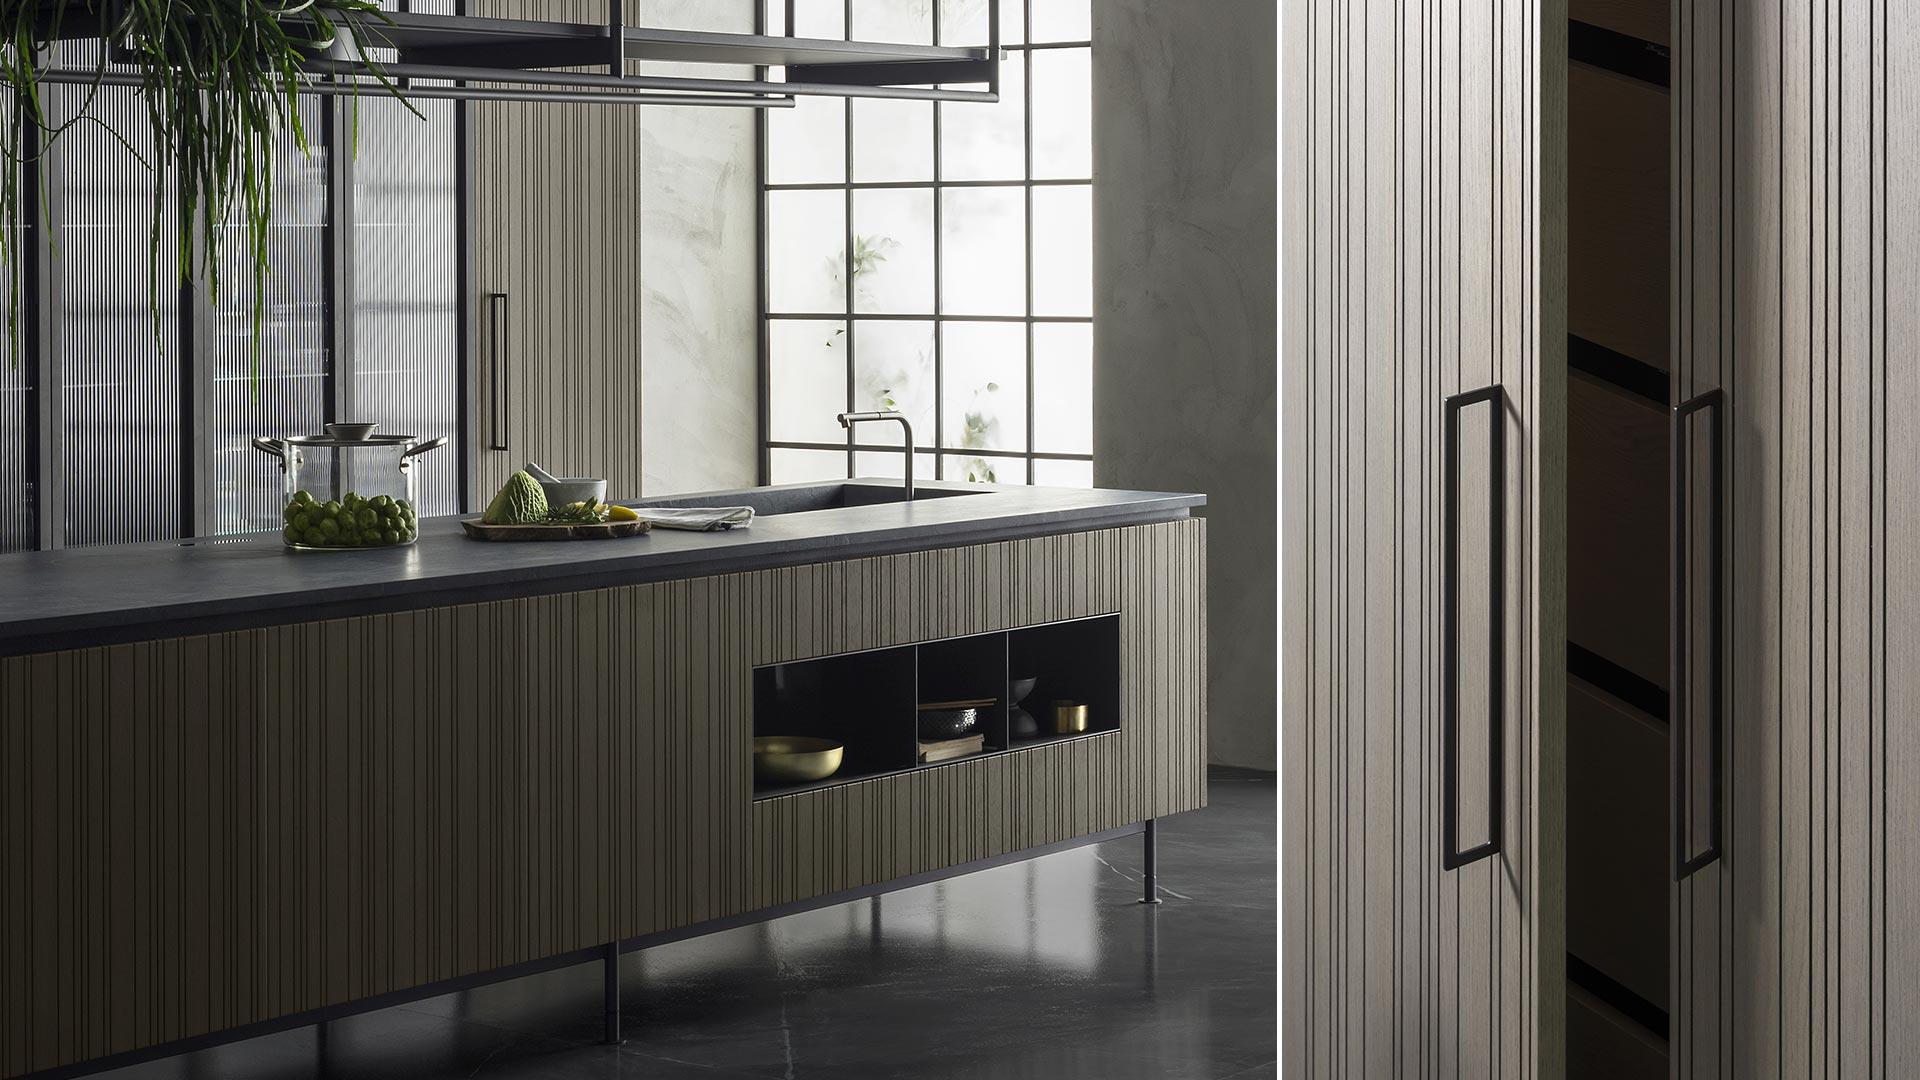 Cucina con isola e cucina il legno collezione RUA - TM_MI2018_Rua_004